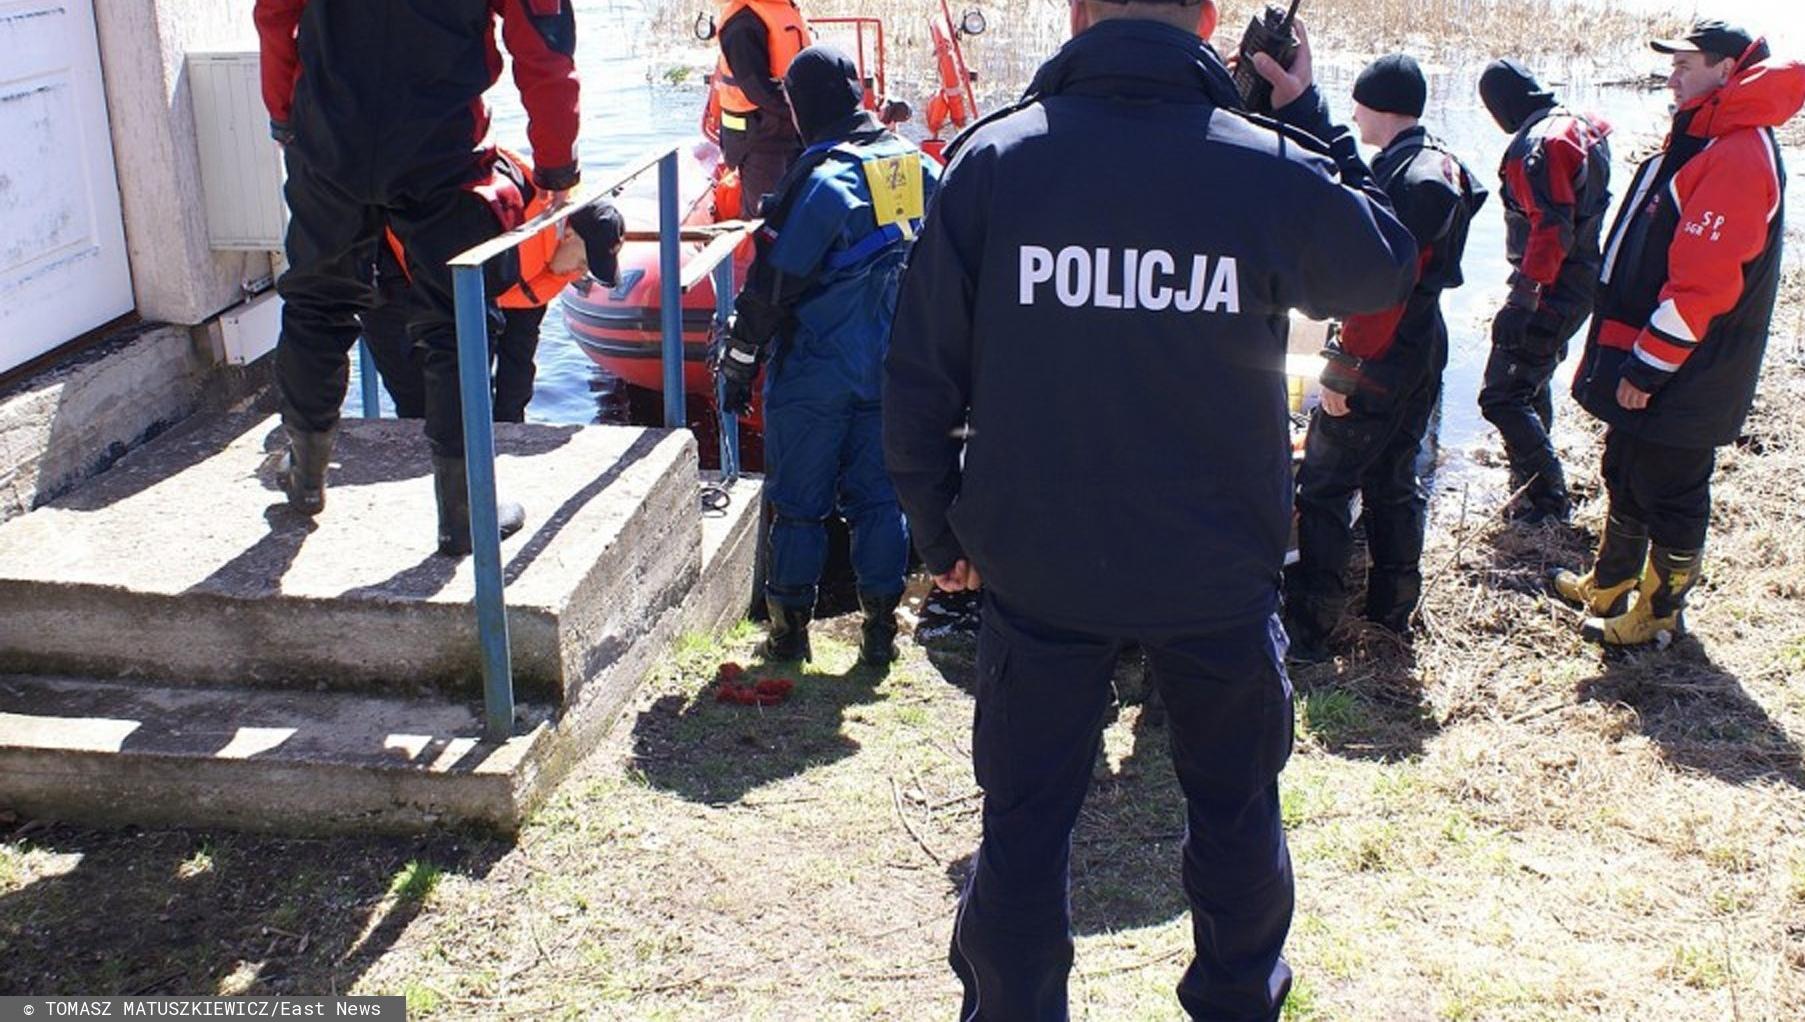 Dramatyczne wydarzenia przy bulwarze Kaczyńskich. Policja podjęła natychmiastową akcję